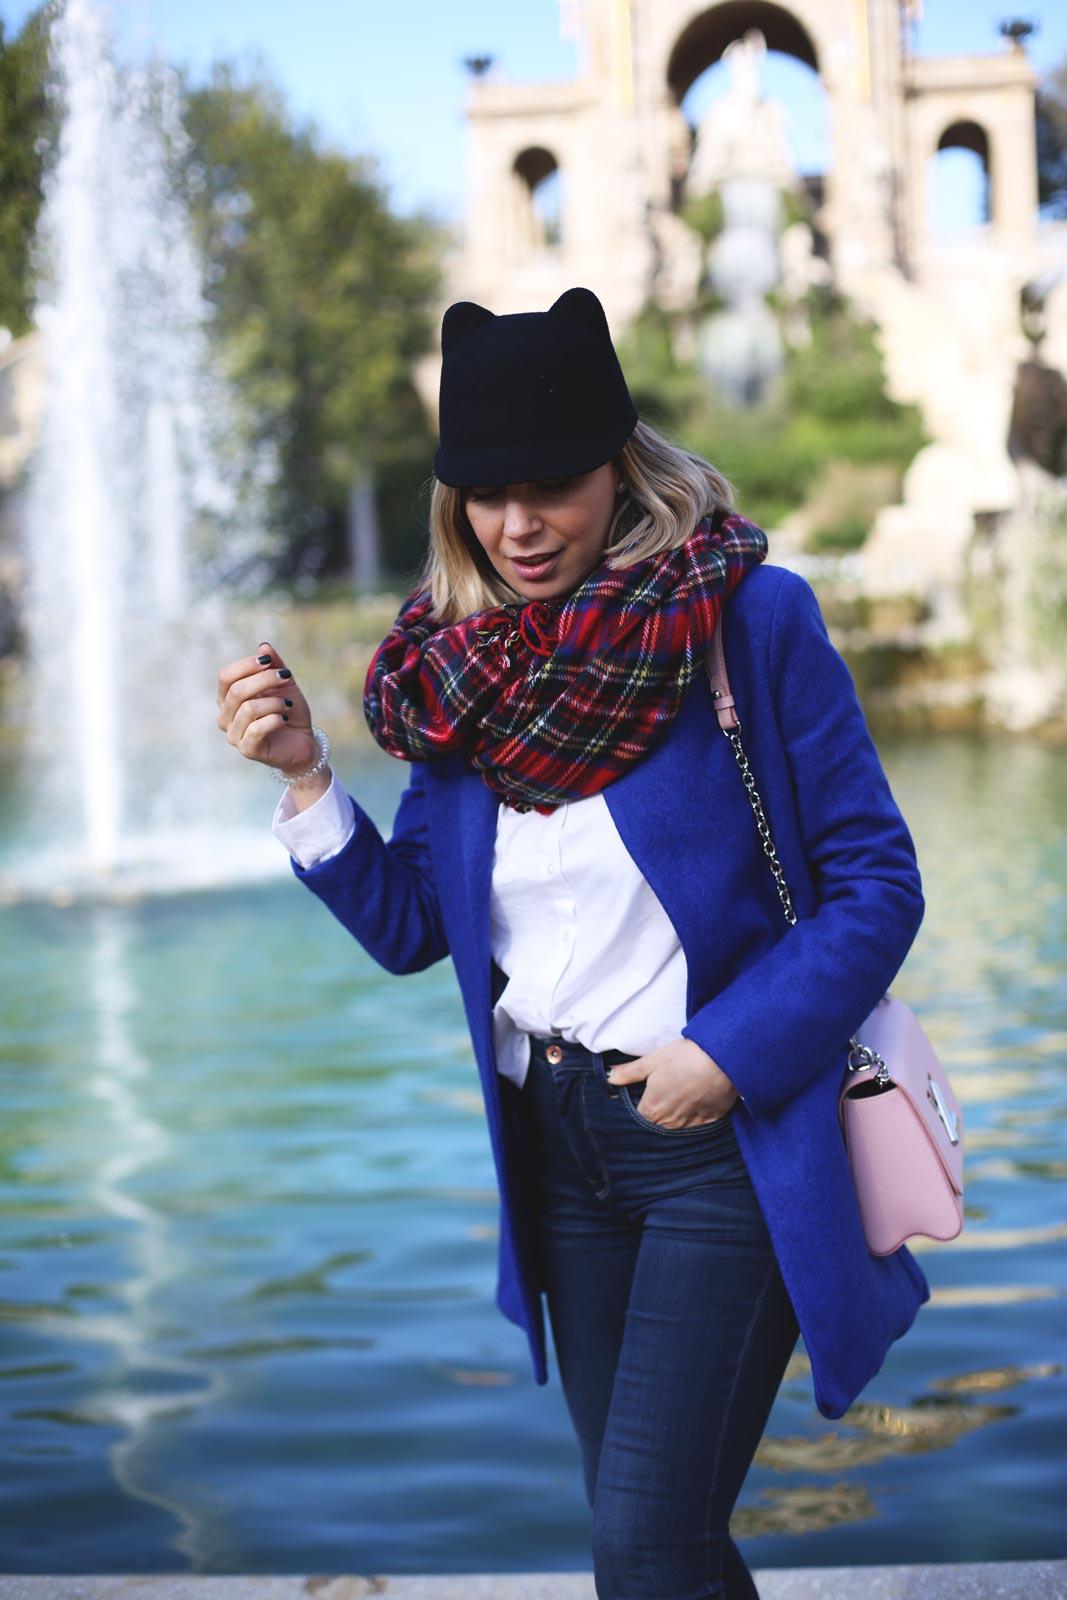 Abrigo azul klein y bufanda de cuadros con outfit de invierno